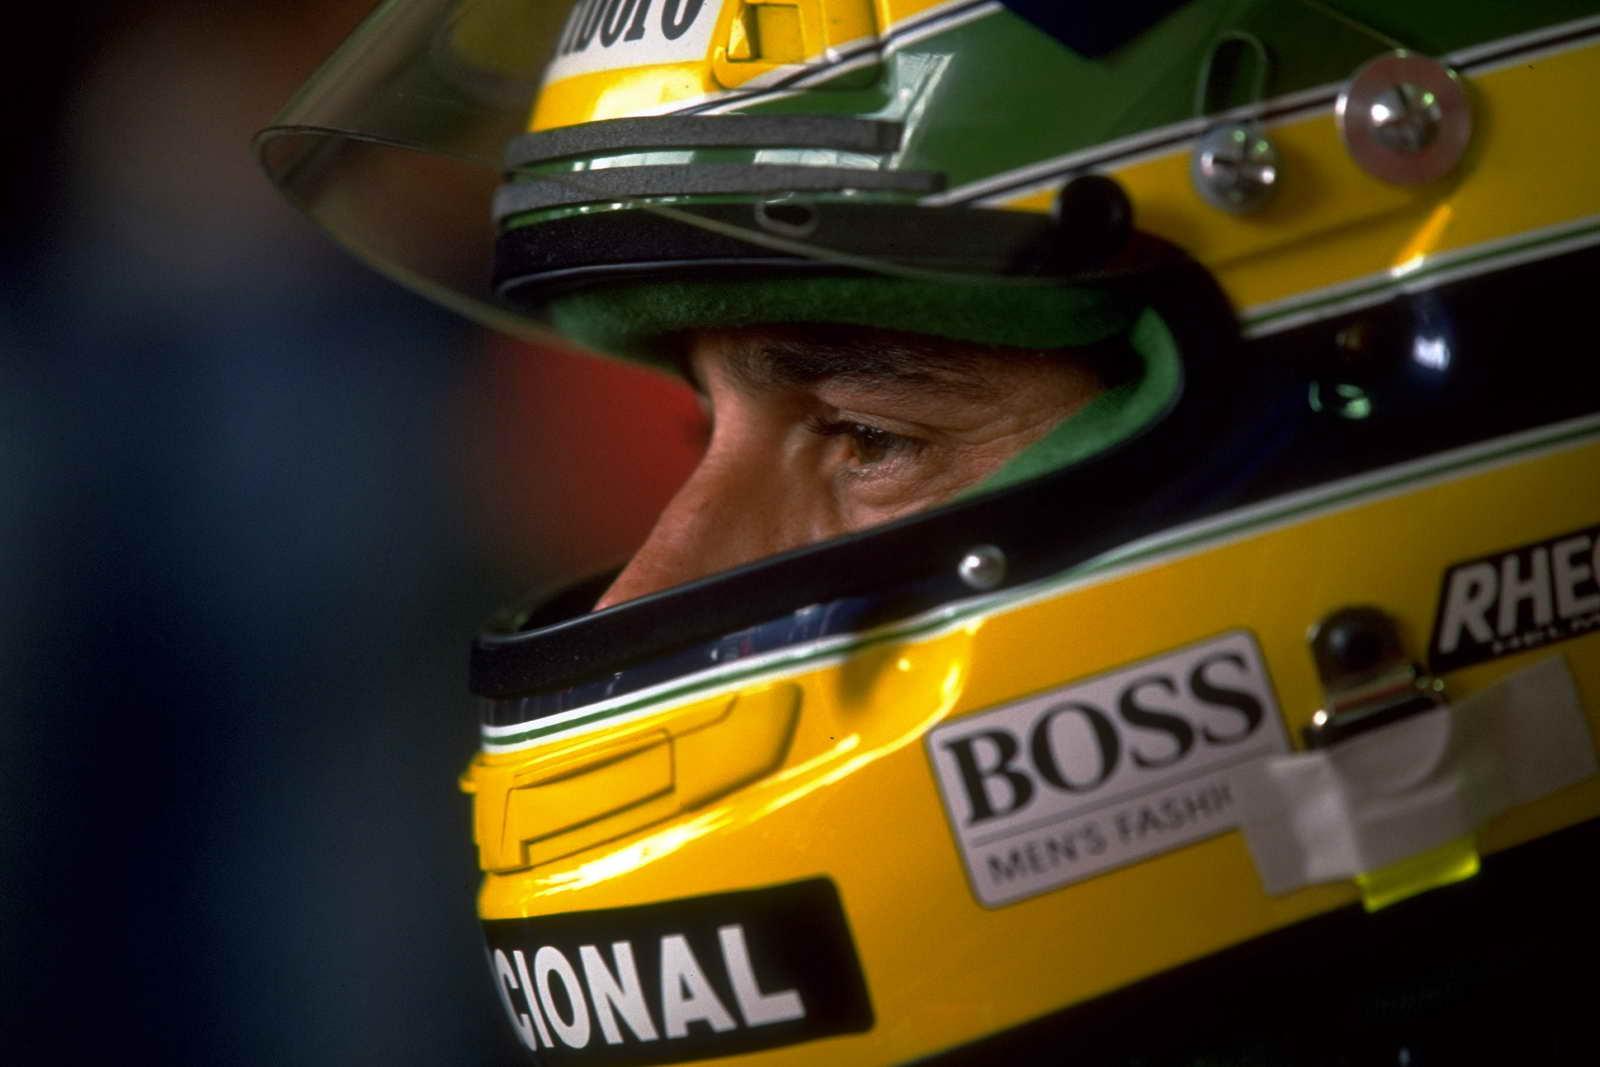 Ayrton_Senna_08